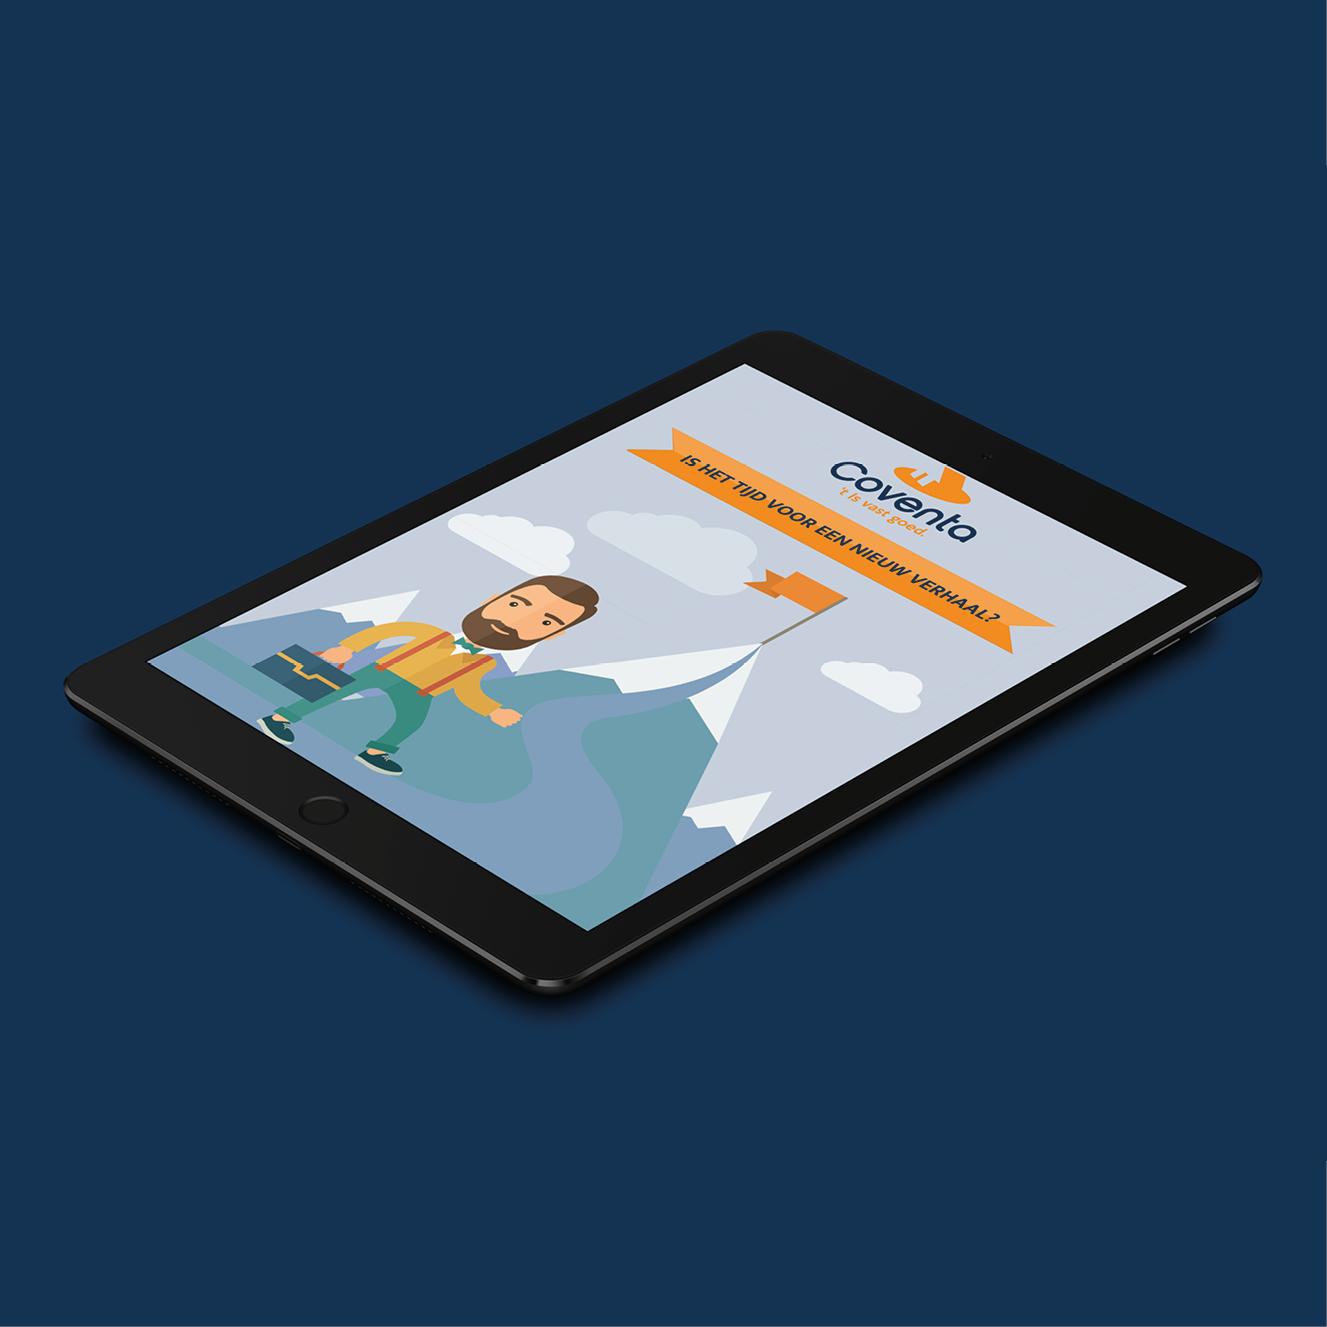 Digitale presentatie voor Coventa